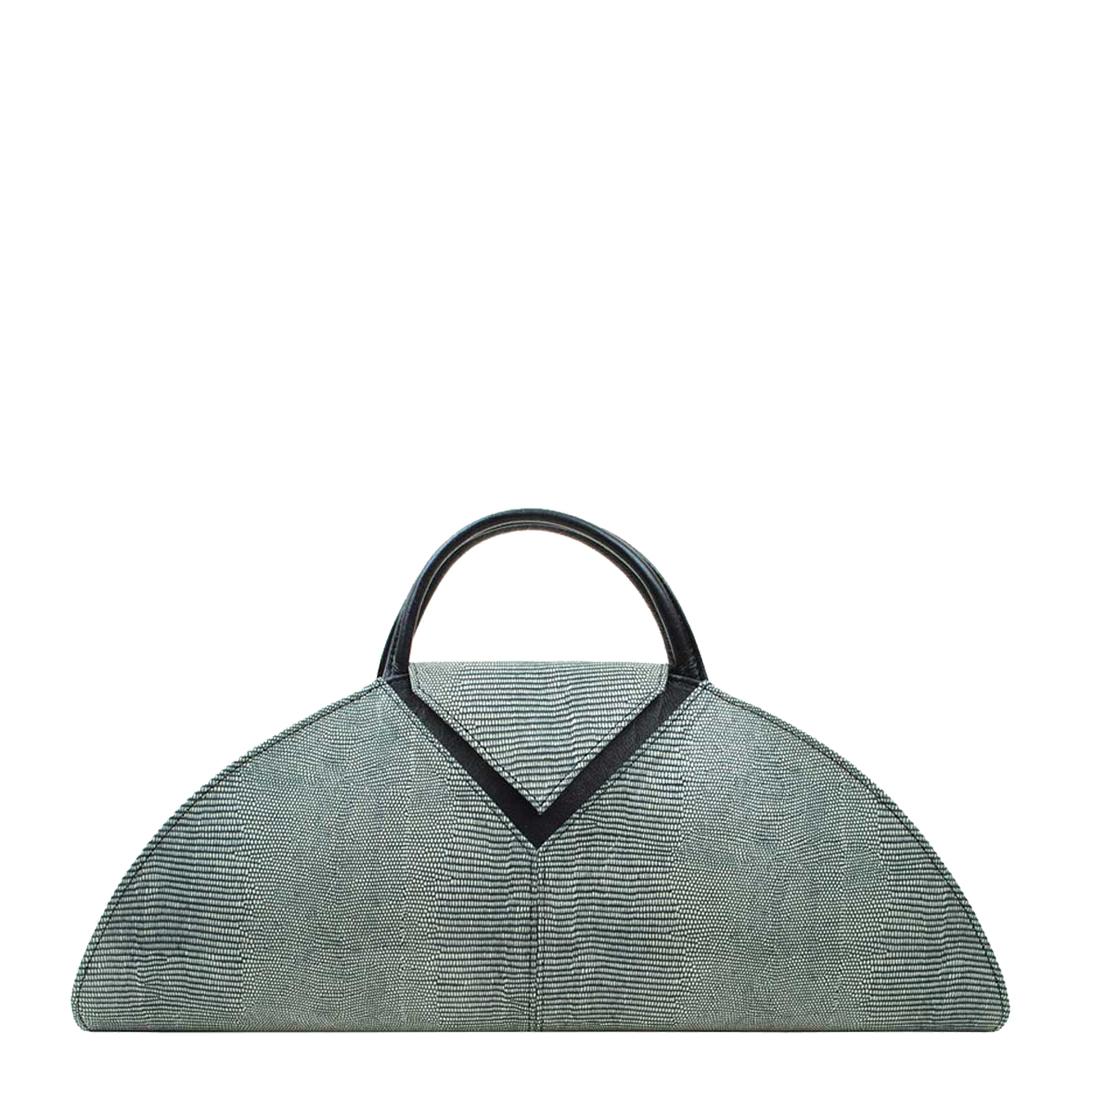 V Clutch Courmayeur Leather Handbag